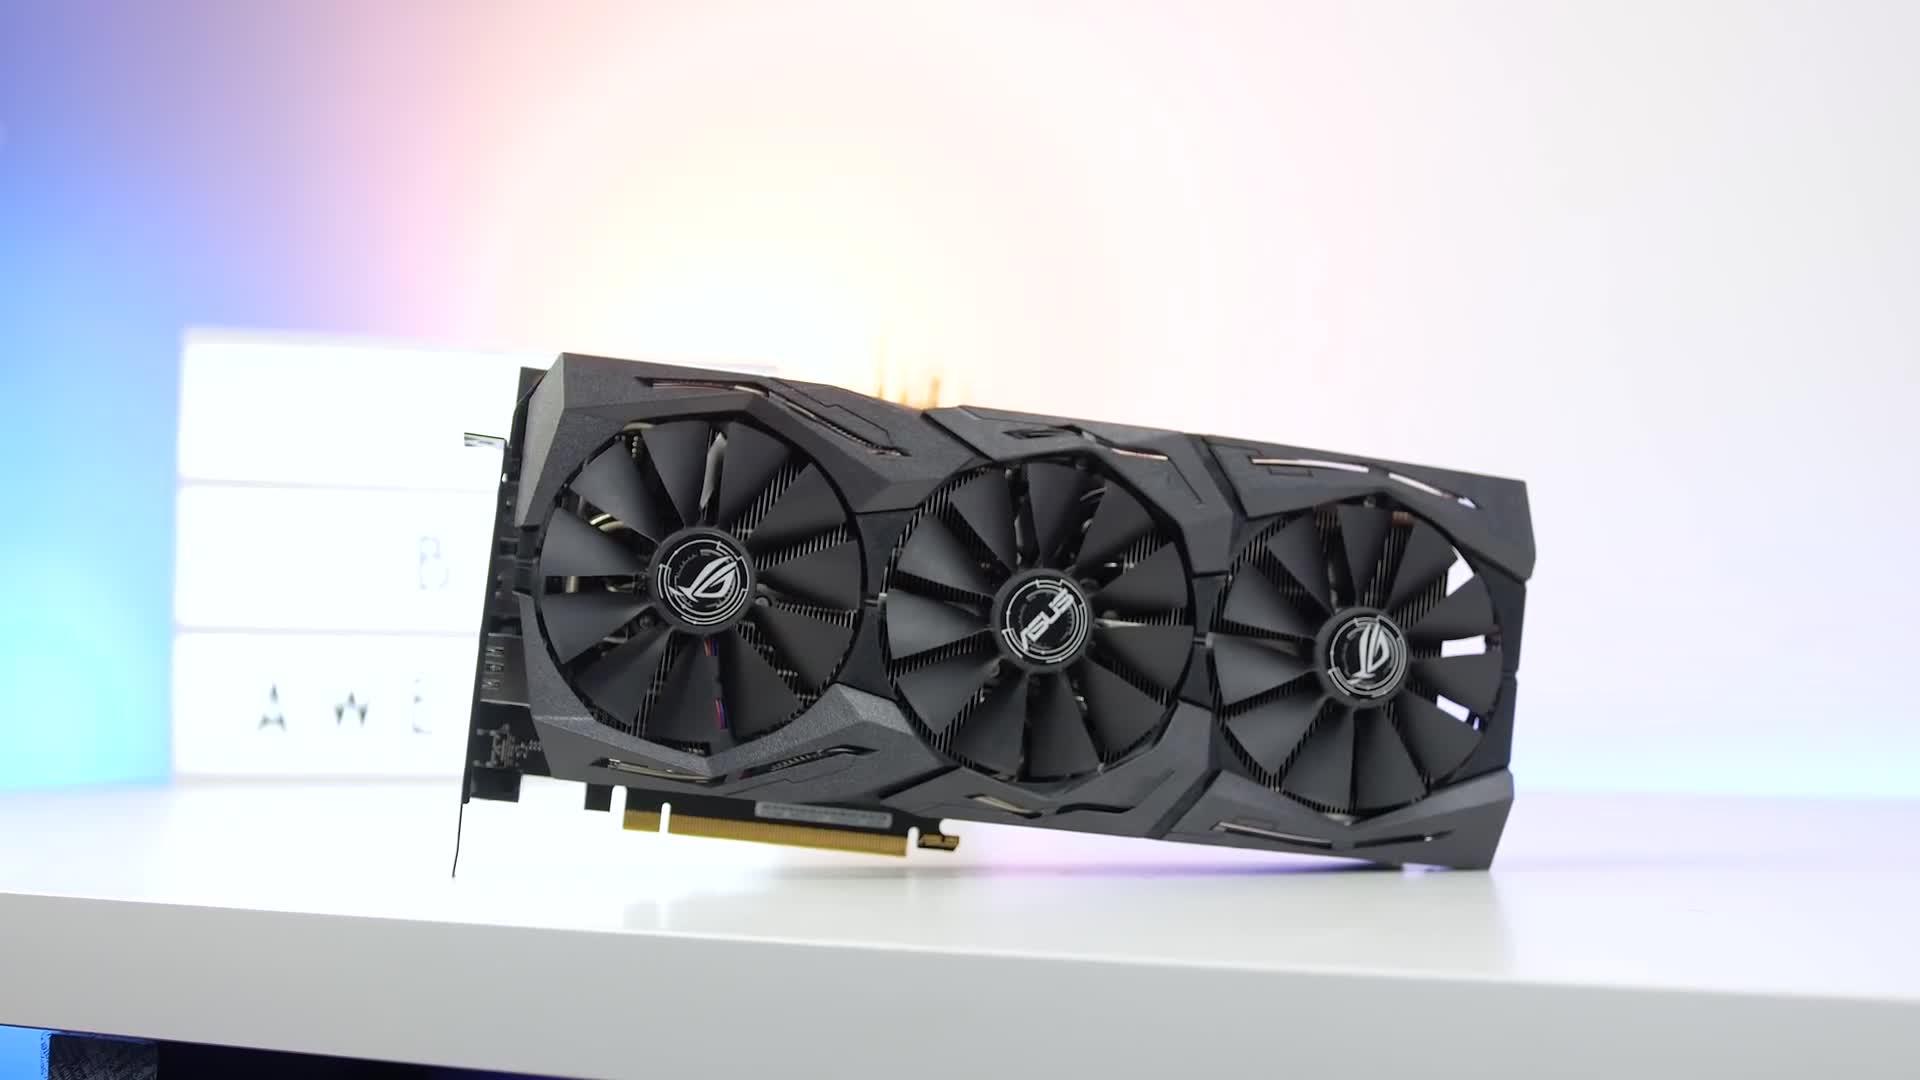 Test, Nvidia, Asus, Gpu, Grafikkarte, Zenchilli, Zenchillis Hardware Reviews, RTX, Nvidia RTX, GeForce RTX, RTX 2060, Nvidia RTX 2060, Asus Strix RTX 2060 OC, Asus Strix RTX 2060, Strix RTX 2060 OC, RTX 2060 OC